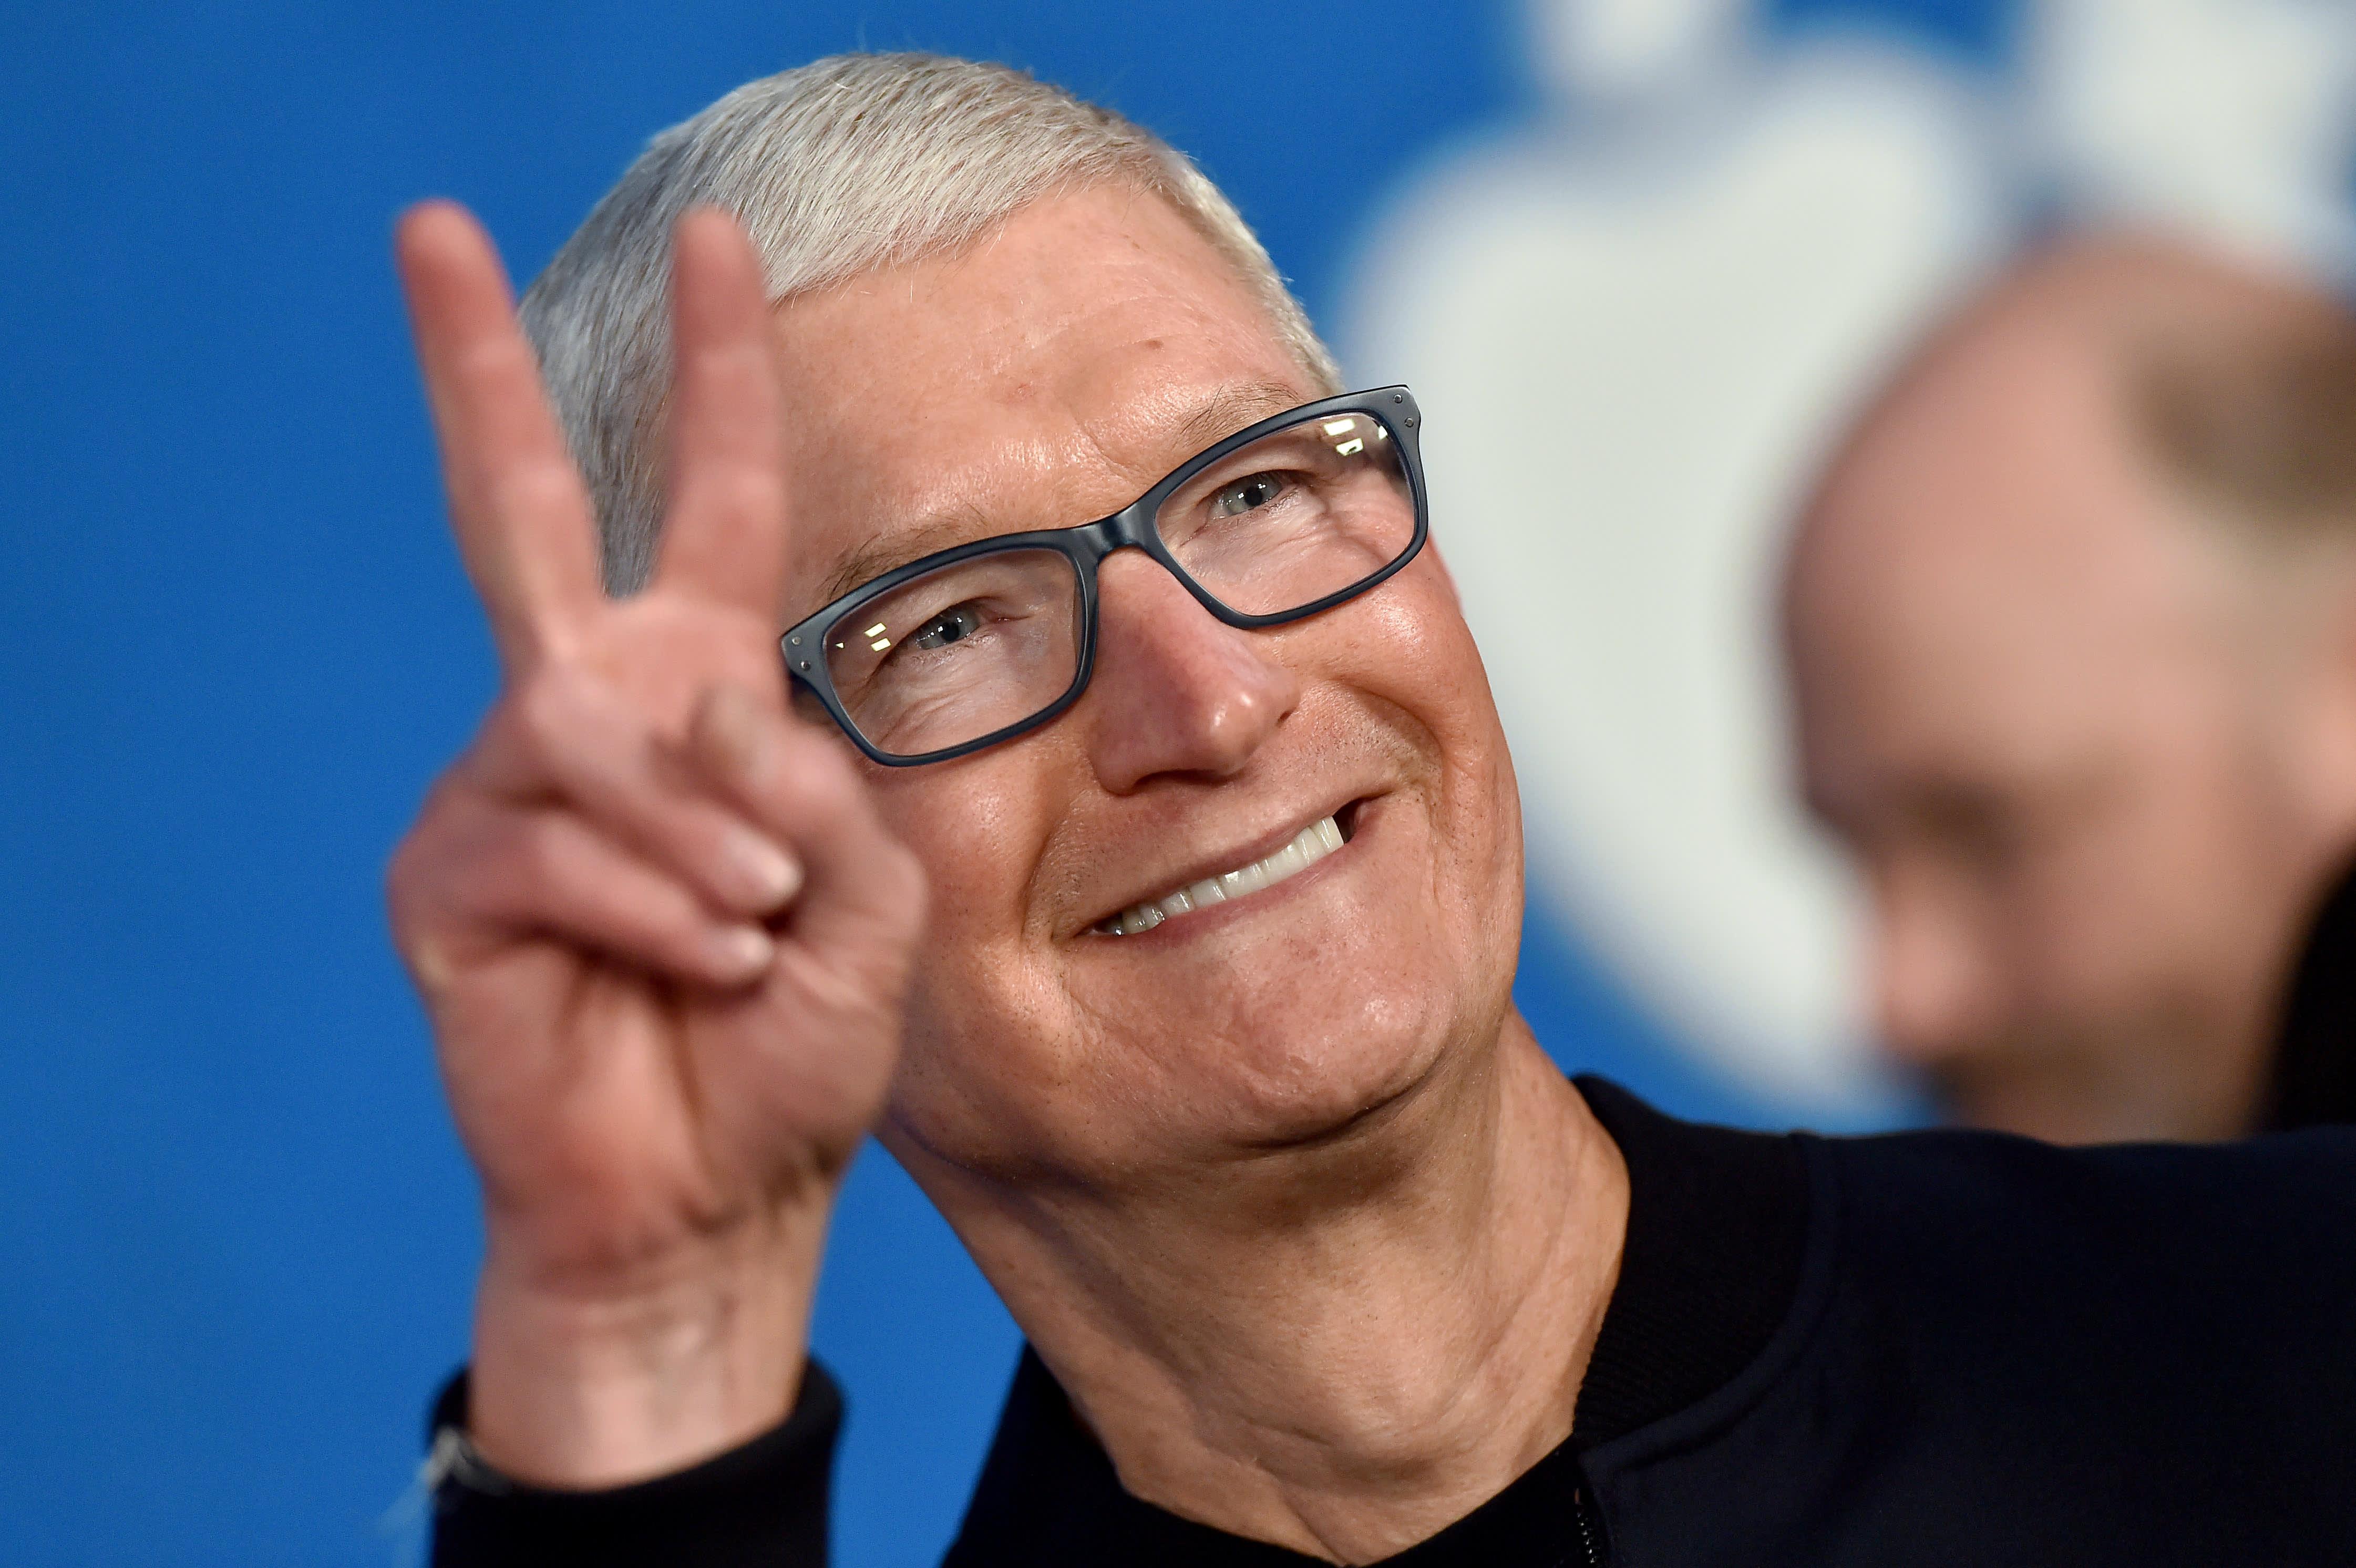 苹果CEO库克称不应无休止刷手机 技术应为人服务